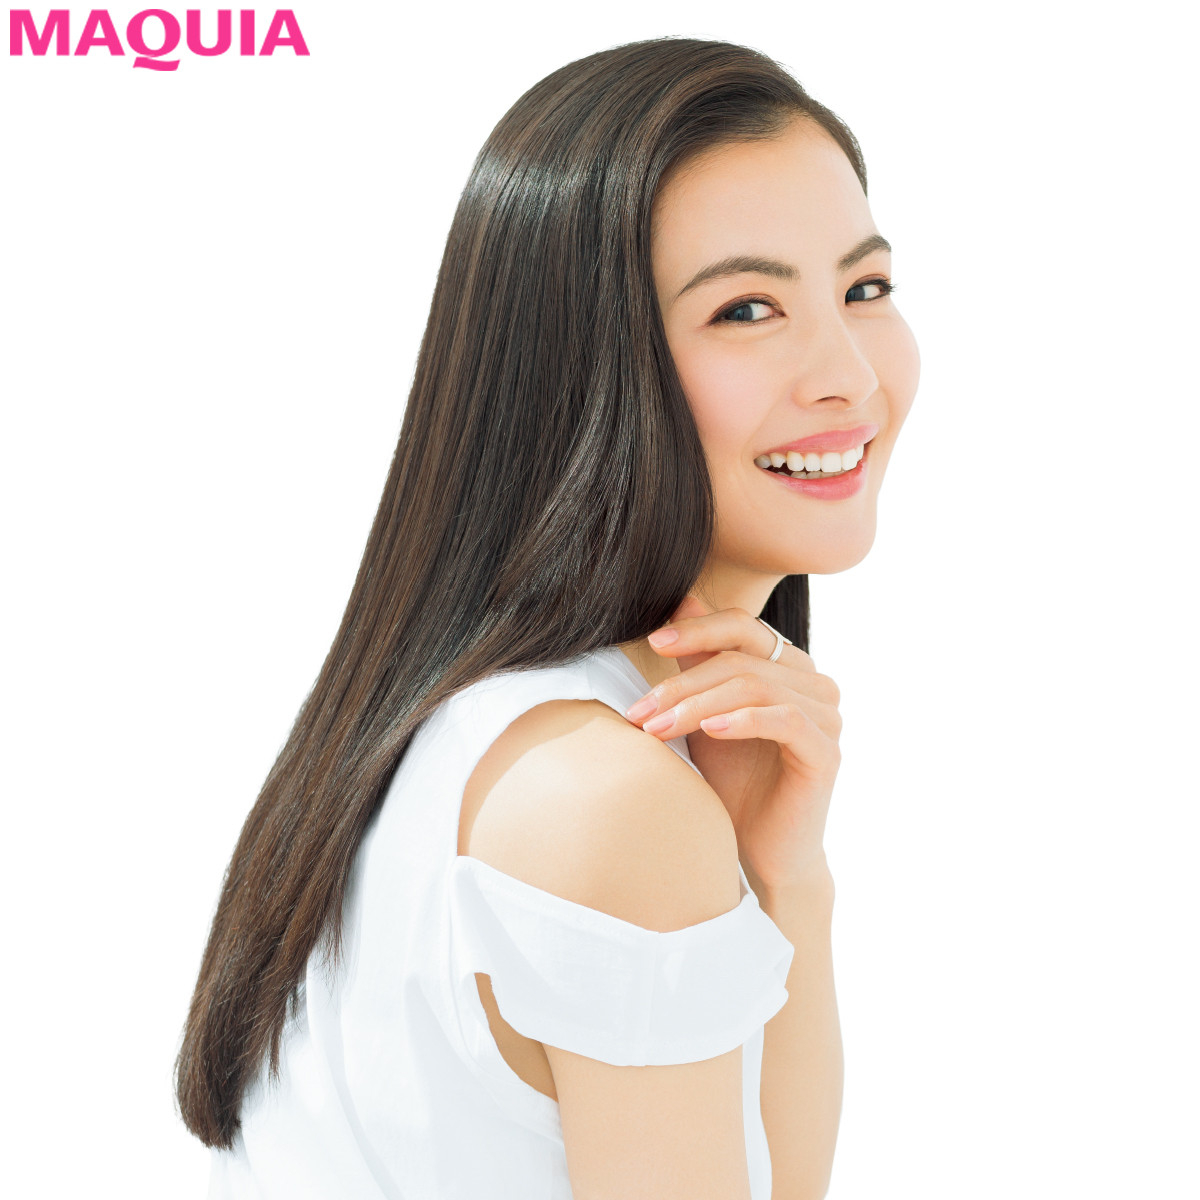 髪が老ける原因は? 女性も薄毛になる? 専門家が答える老け見えヘアのQ&A